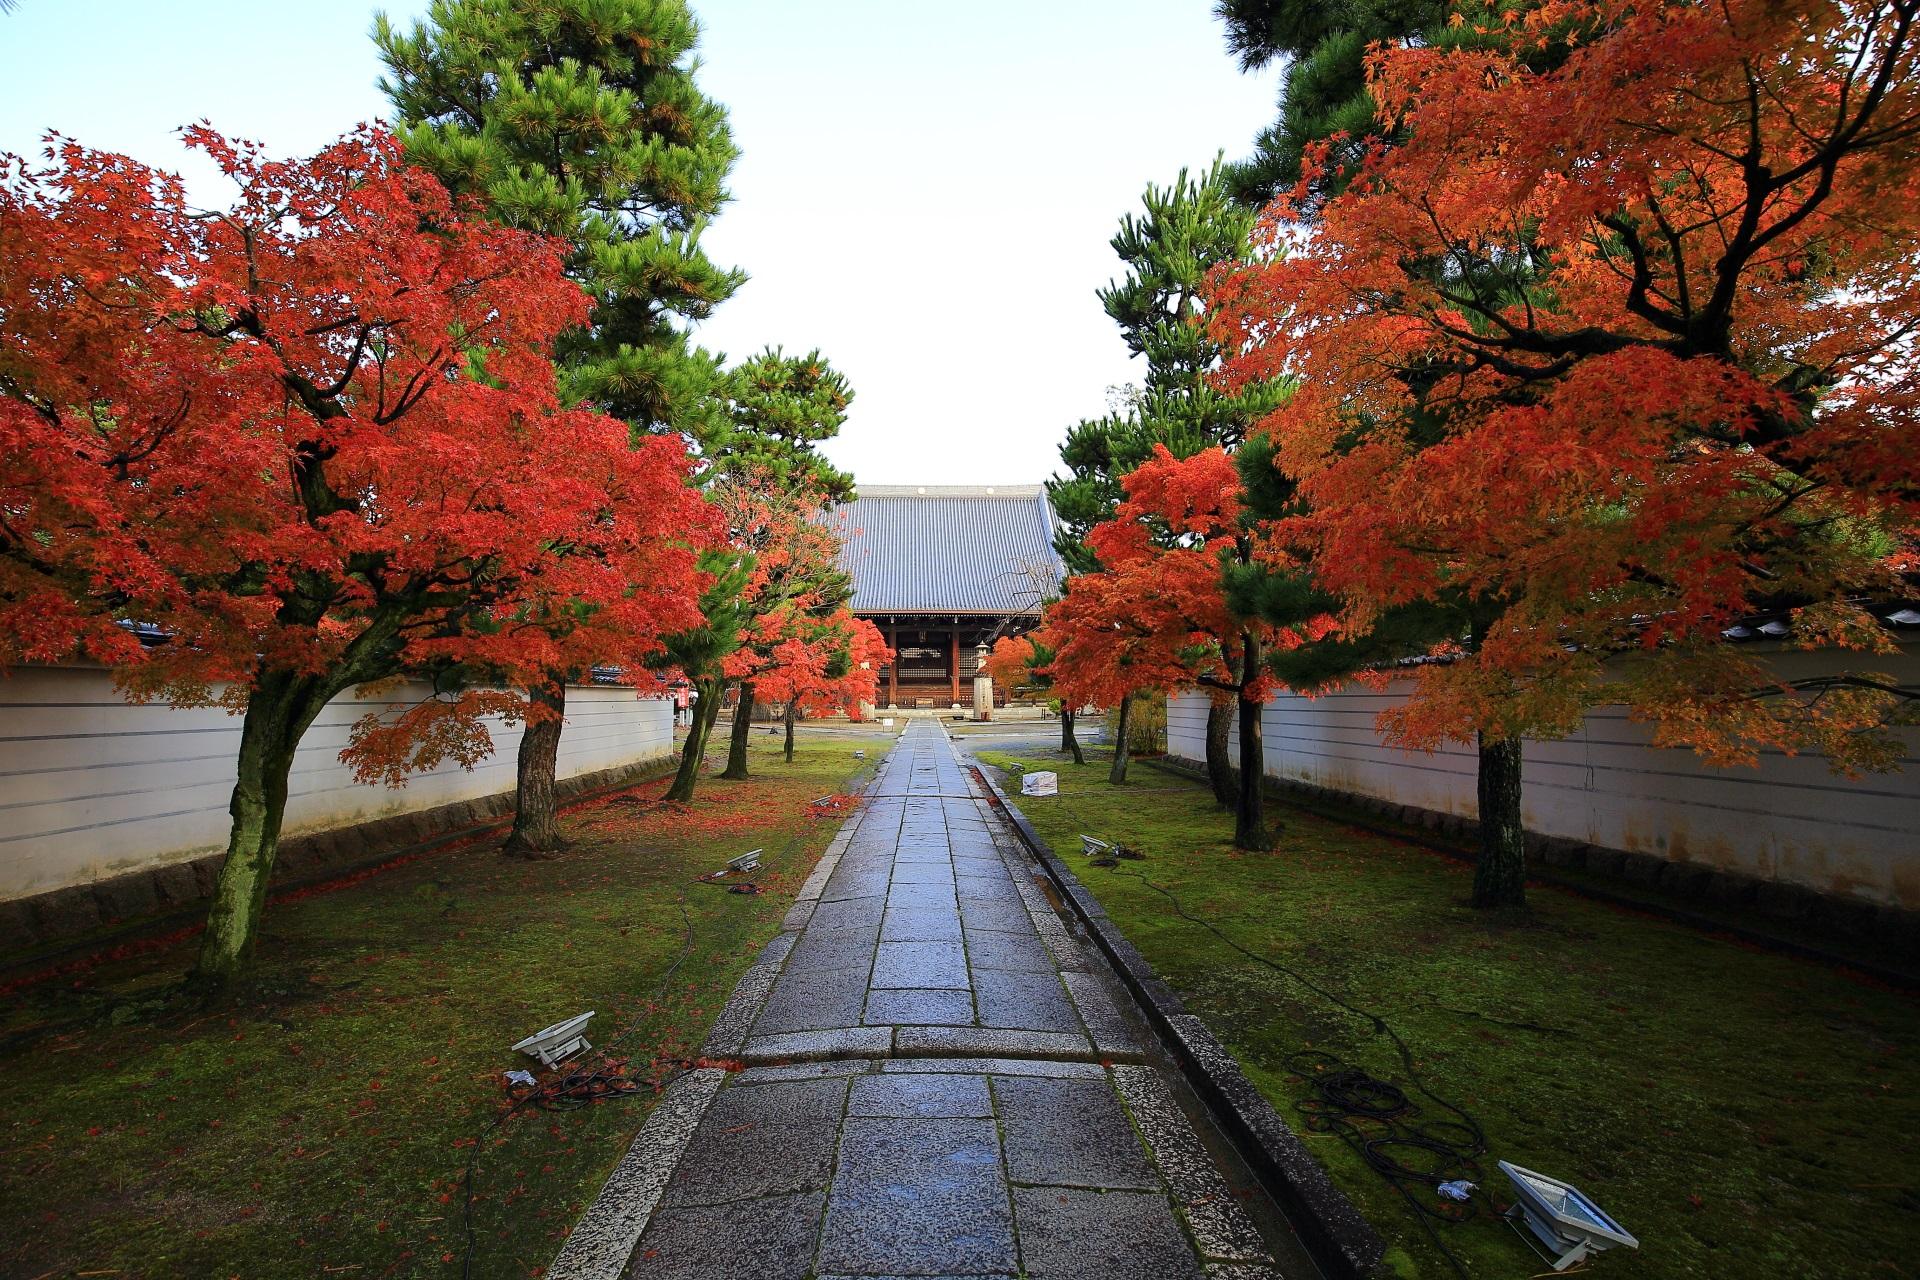 妙顕寺の山門付近から眺める本堂と参道の紅葉